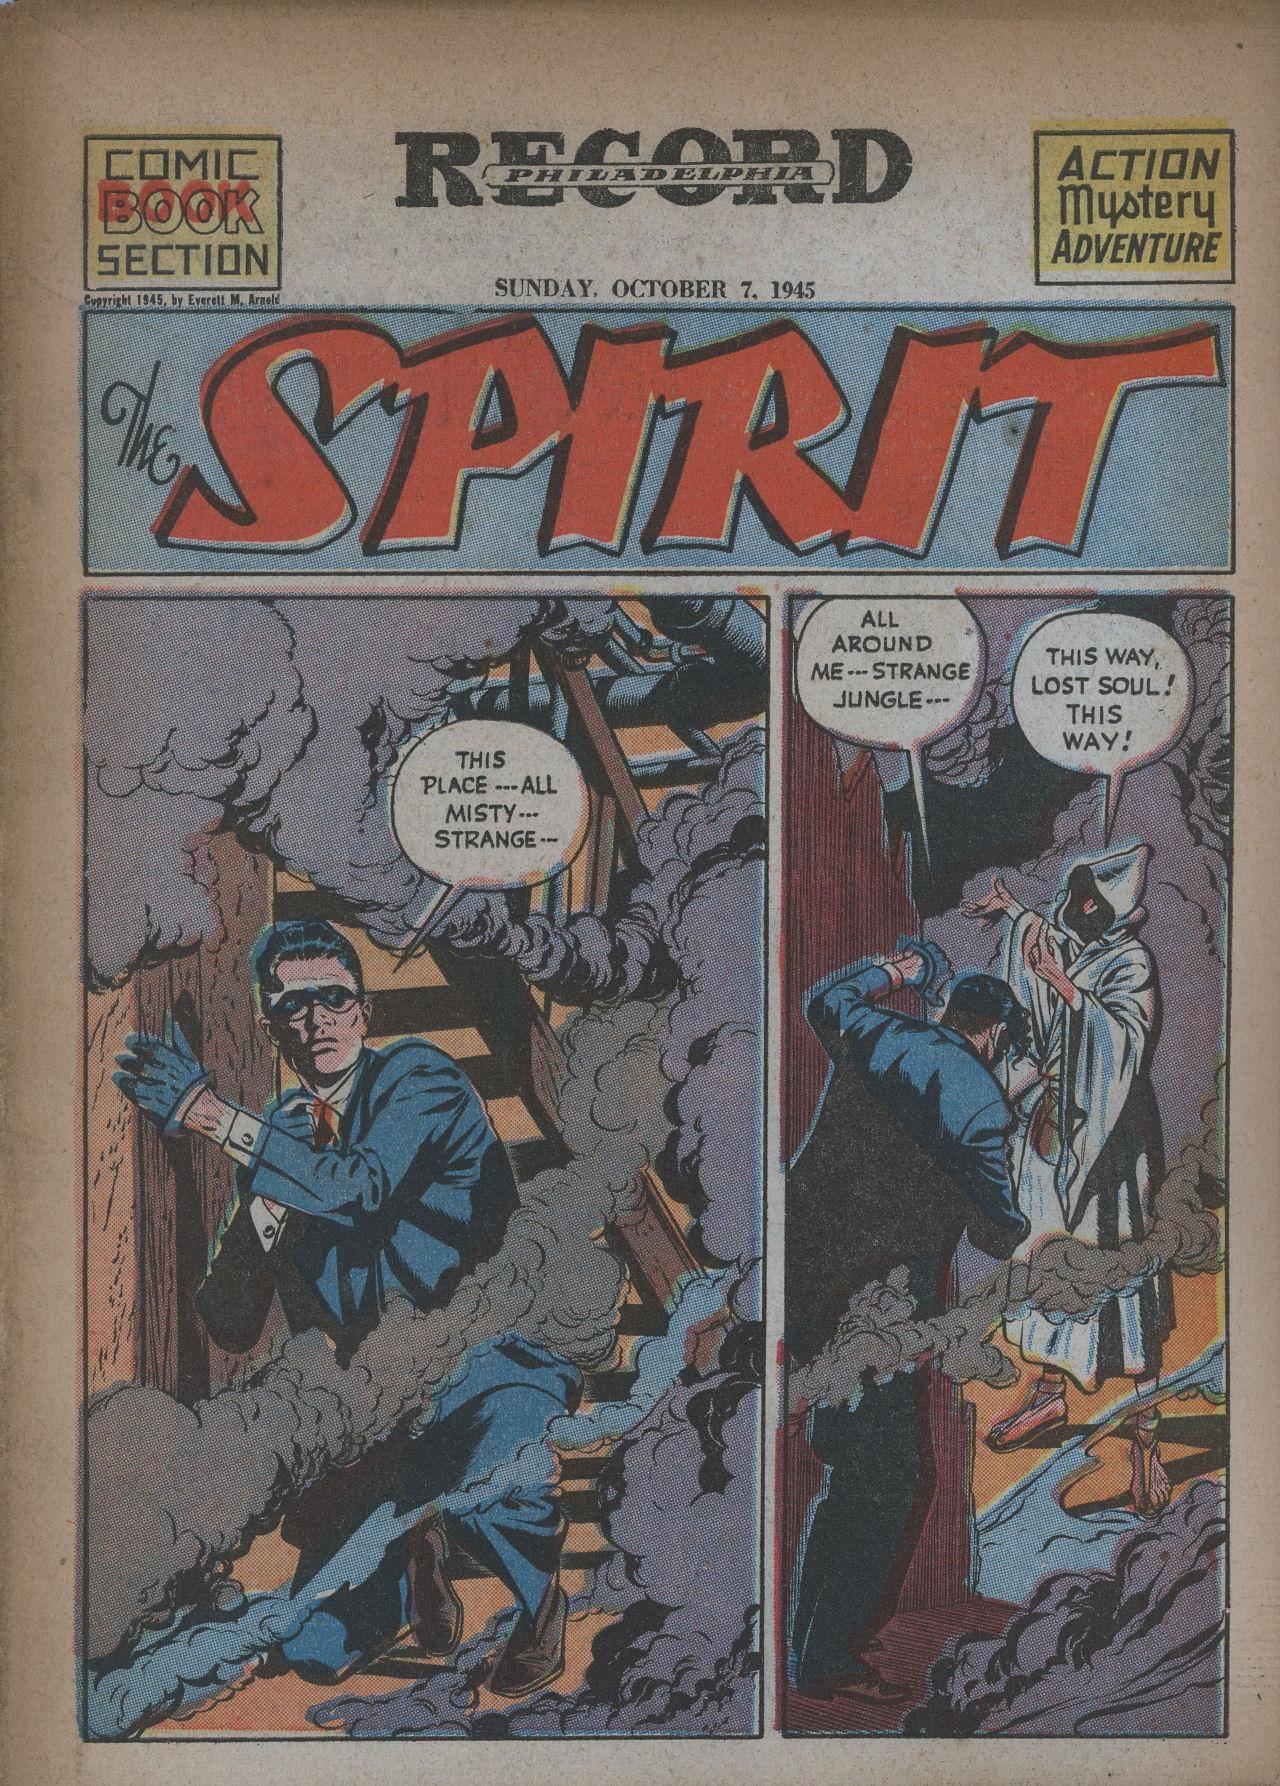 Spirit Section 280 (1945-10-07) (Philadelphia Record) (Snardermann)